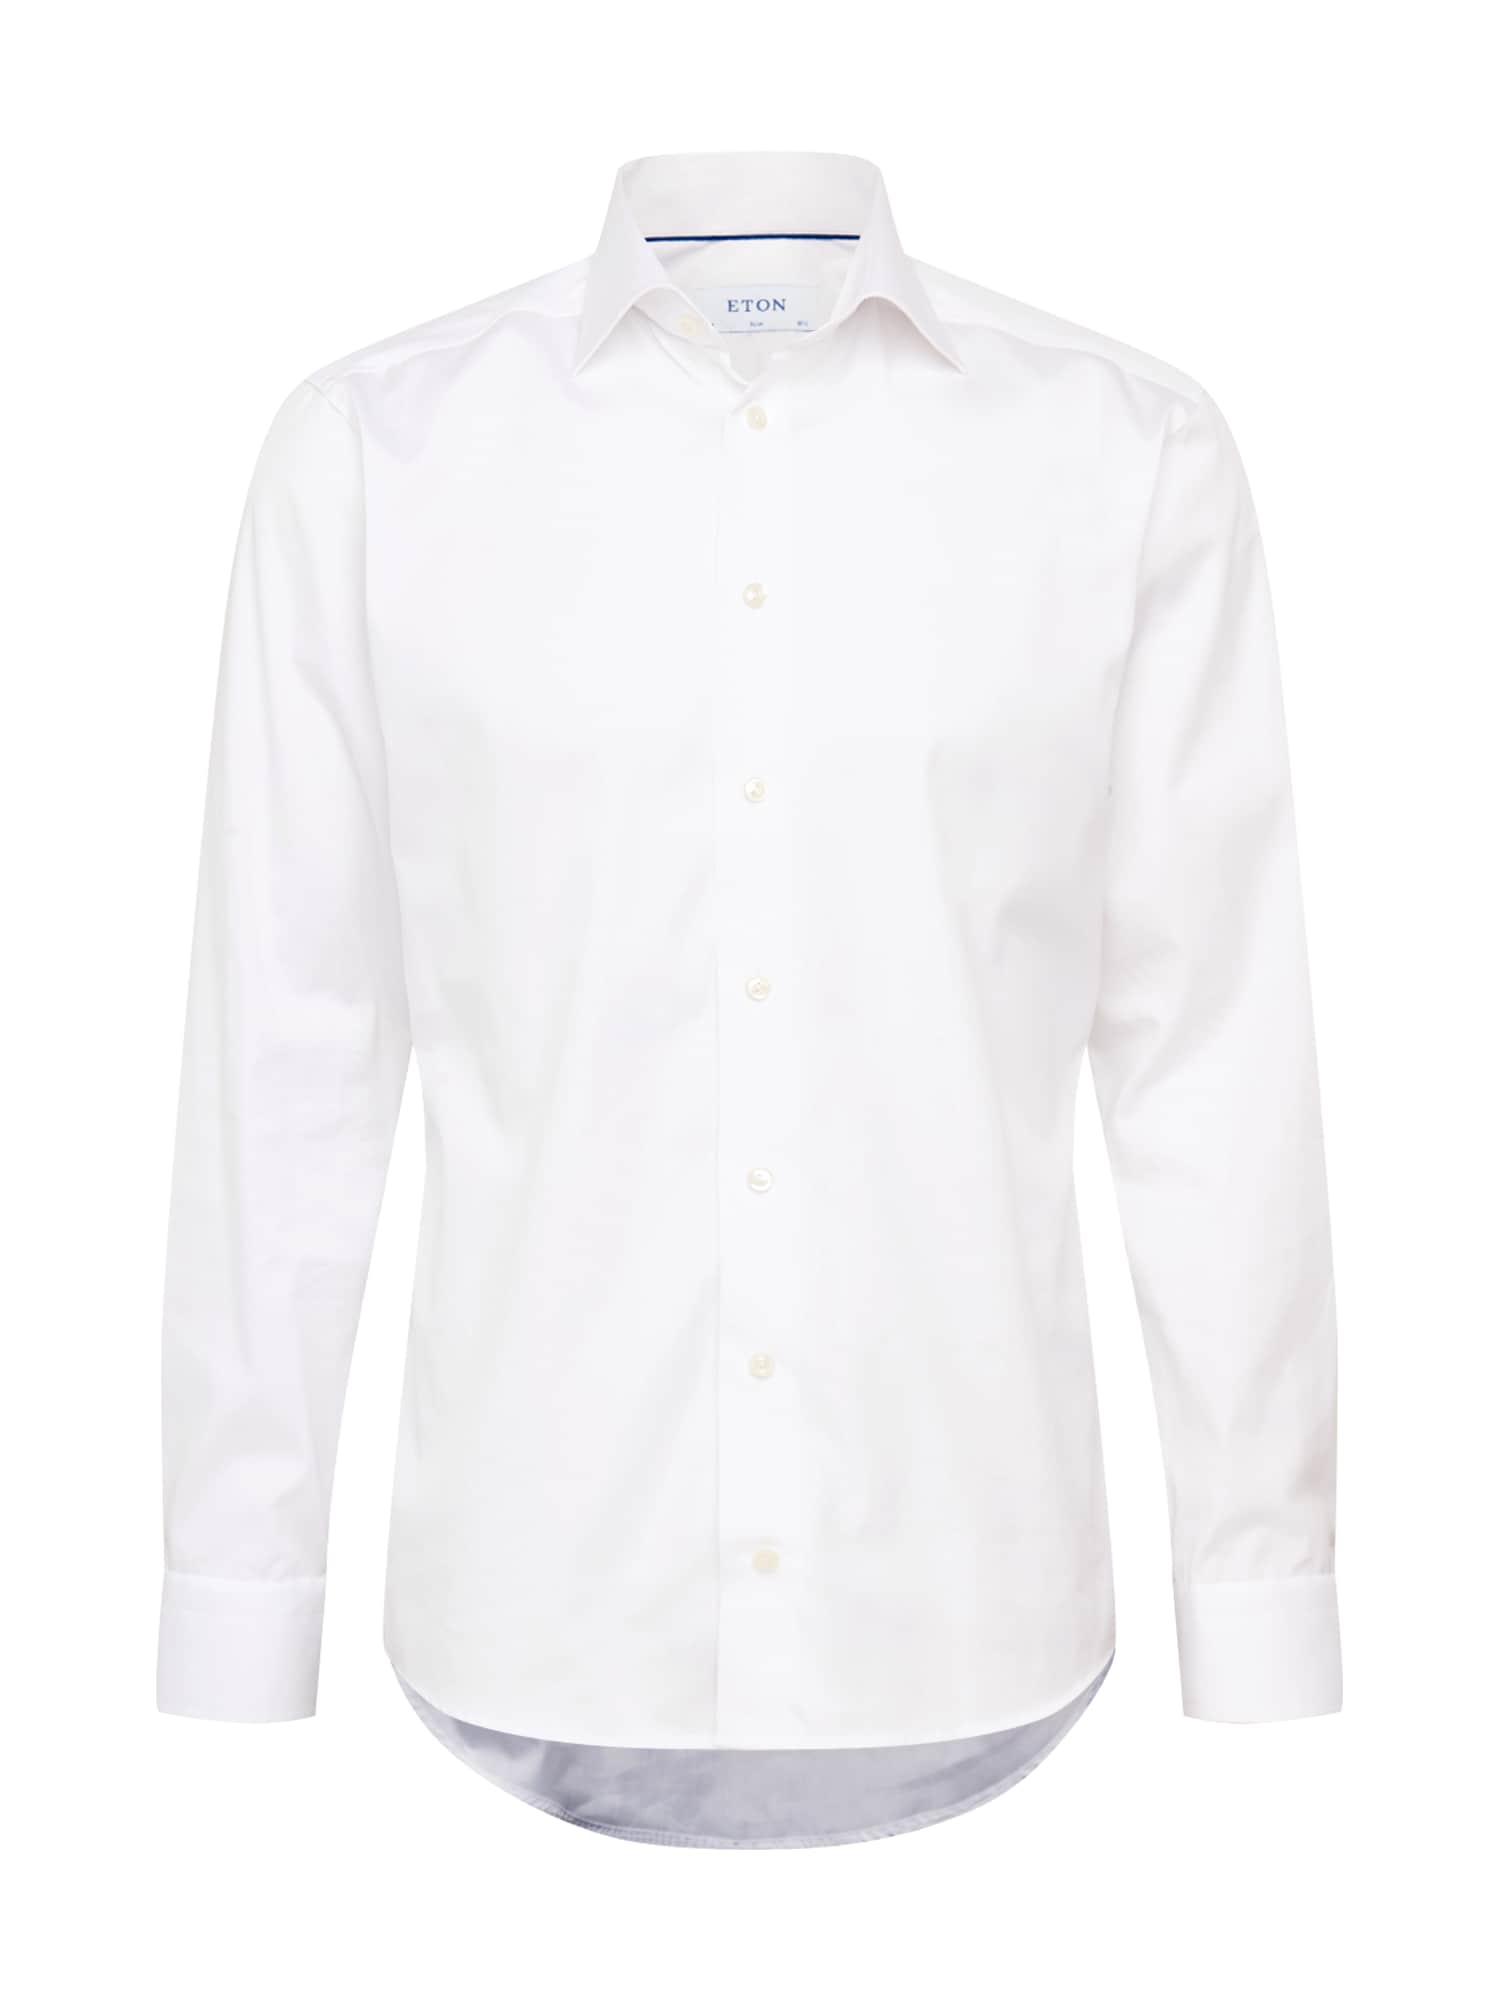 ETON Dalykinio stiliaus marškiniai balta